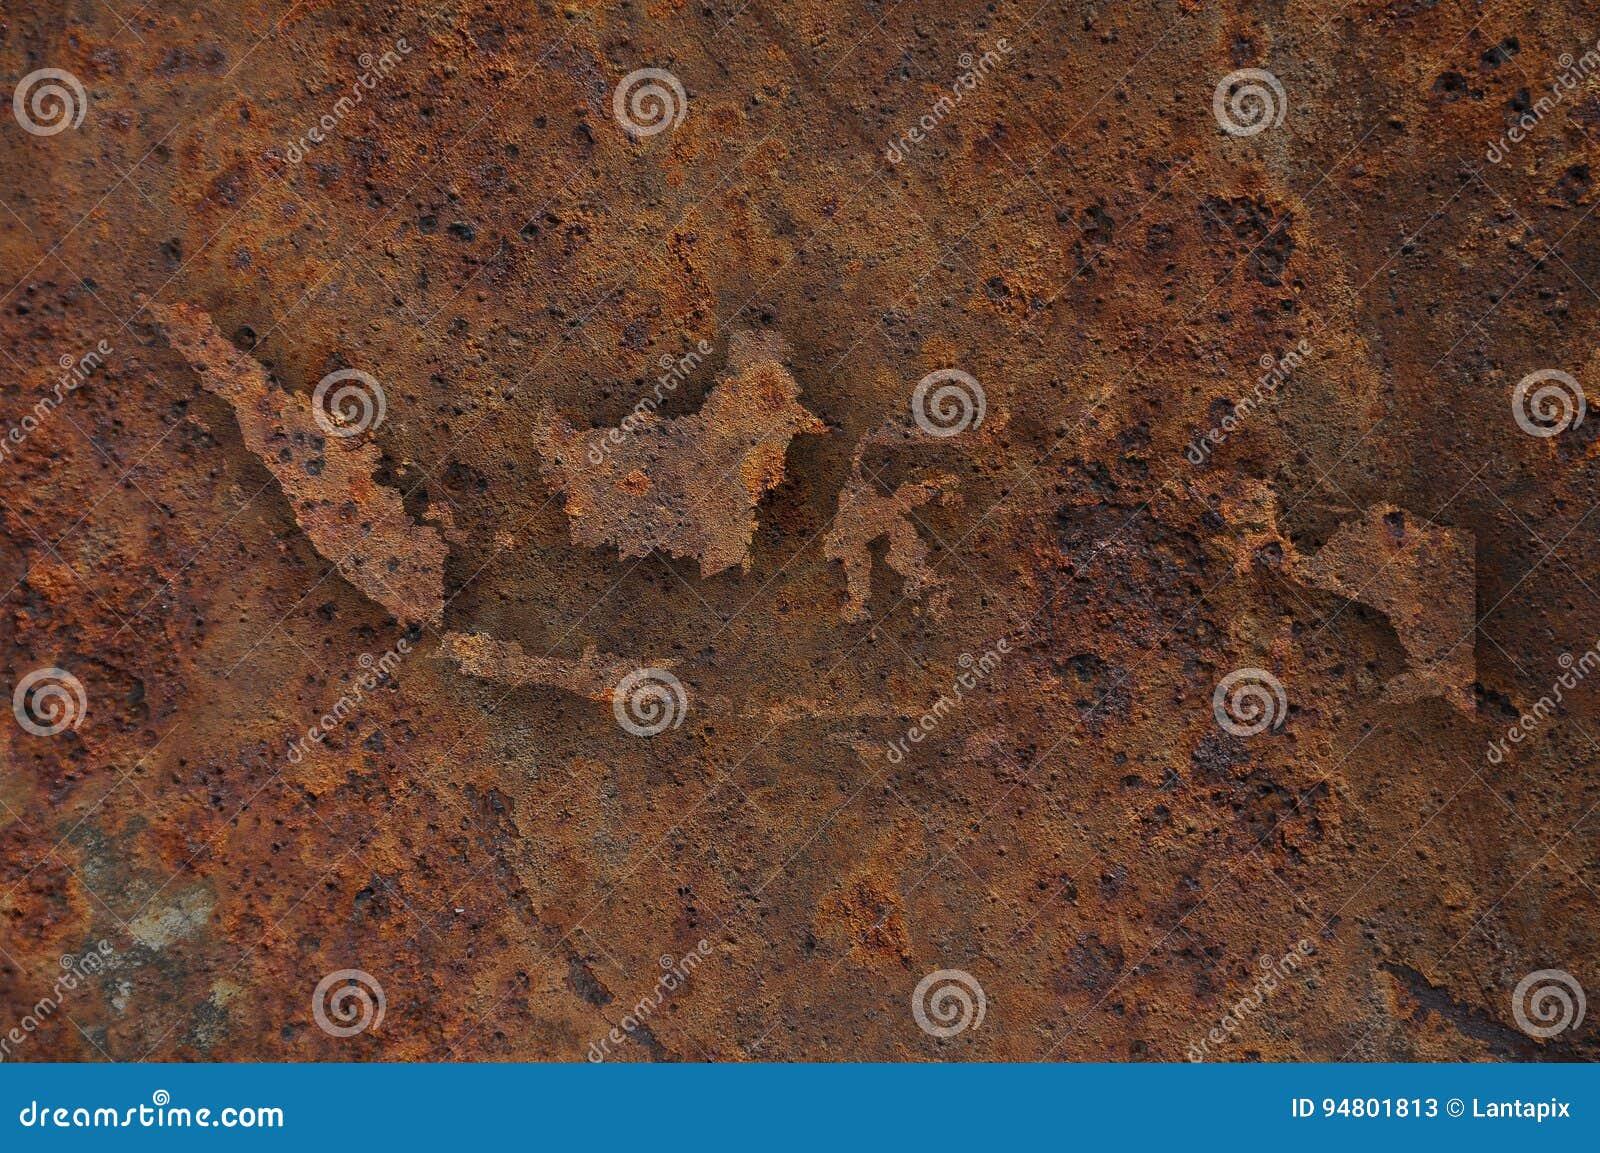 Χάρτης της Ινδονησίας στο σκουριασμένο μέταλλο